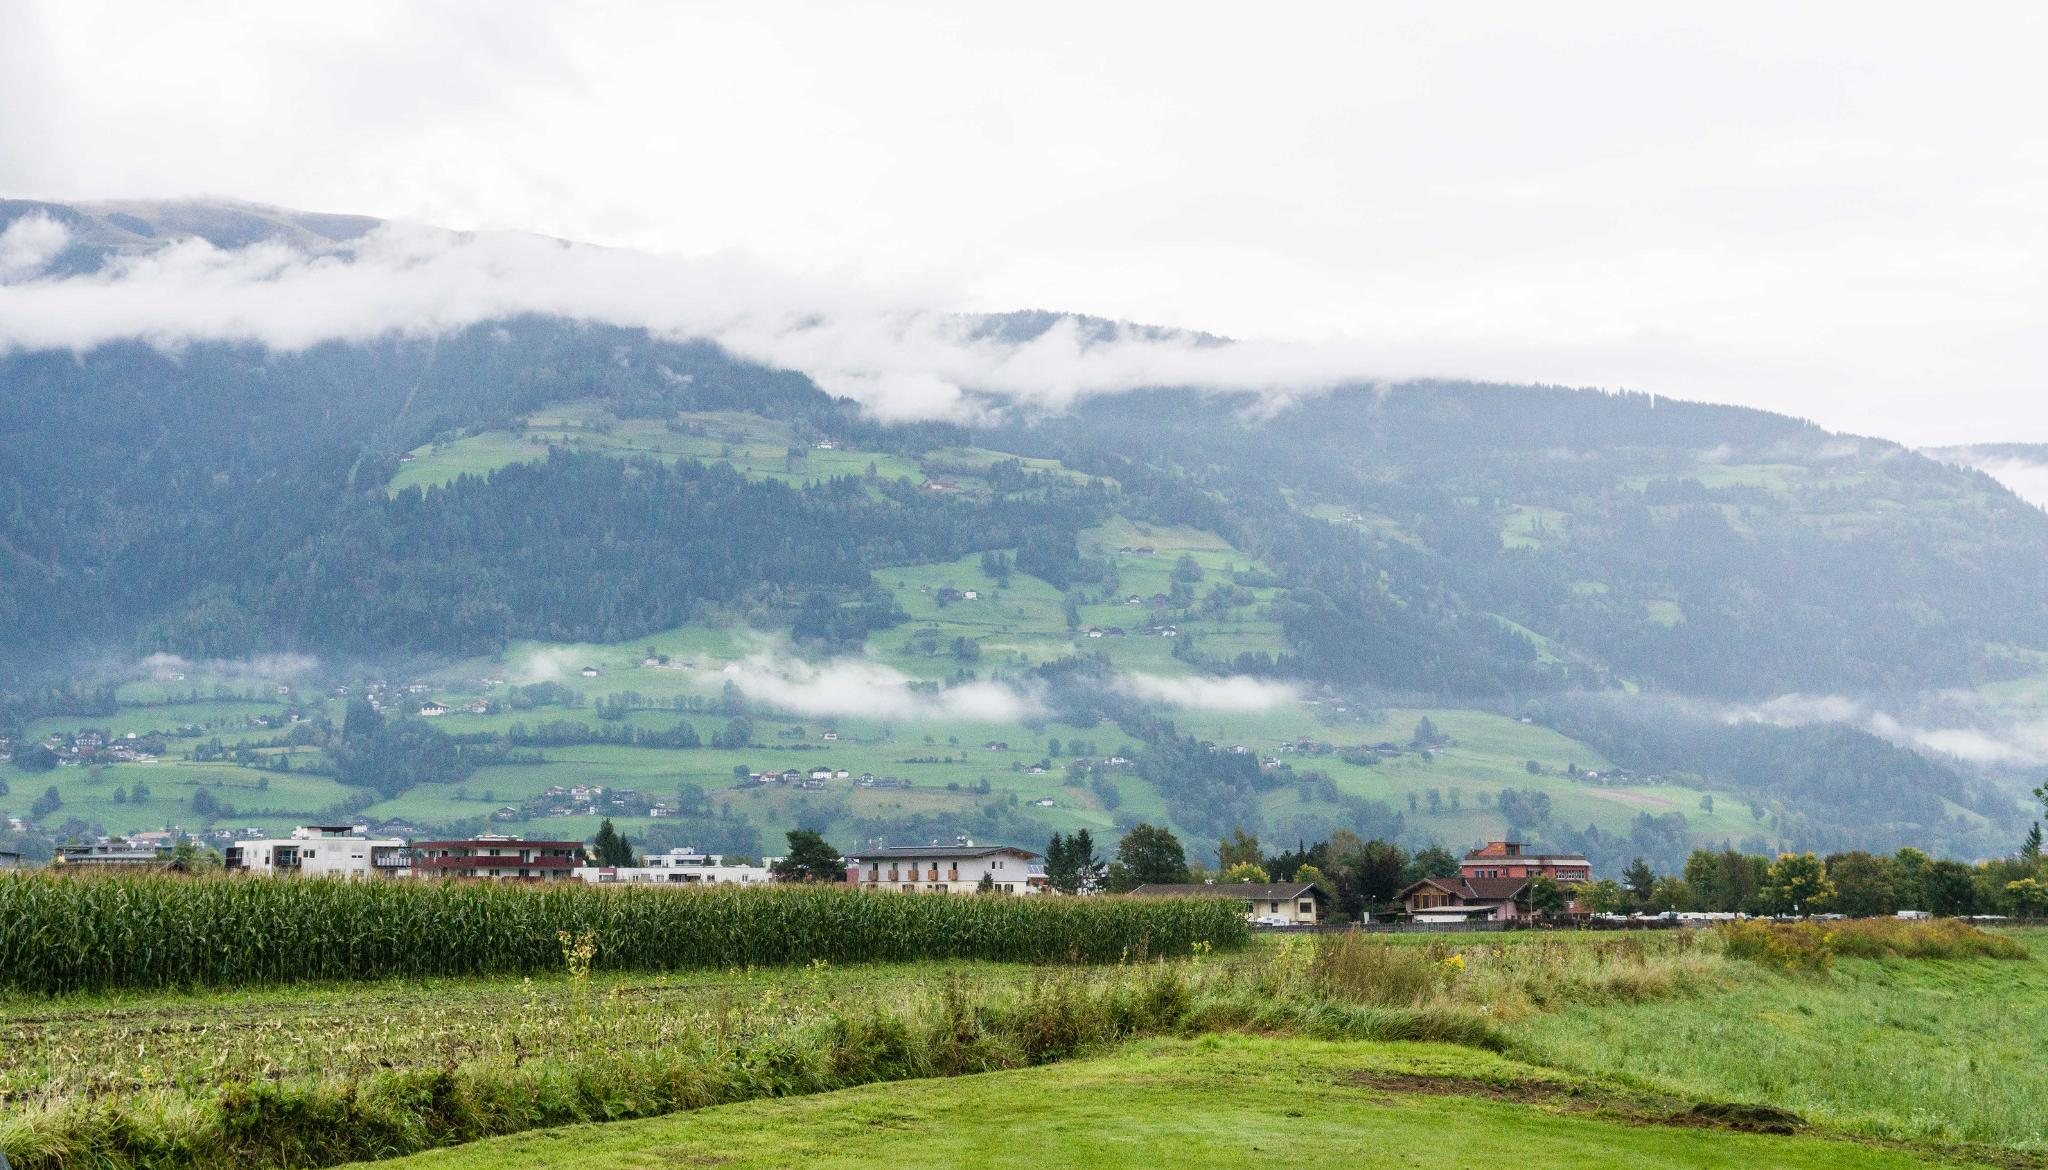 【奧地利】穿越阿爾卑斯之巔 — 奧地利大鐘山冰河公路 (Grossglockner High Alpine Road) 5